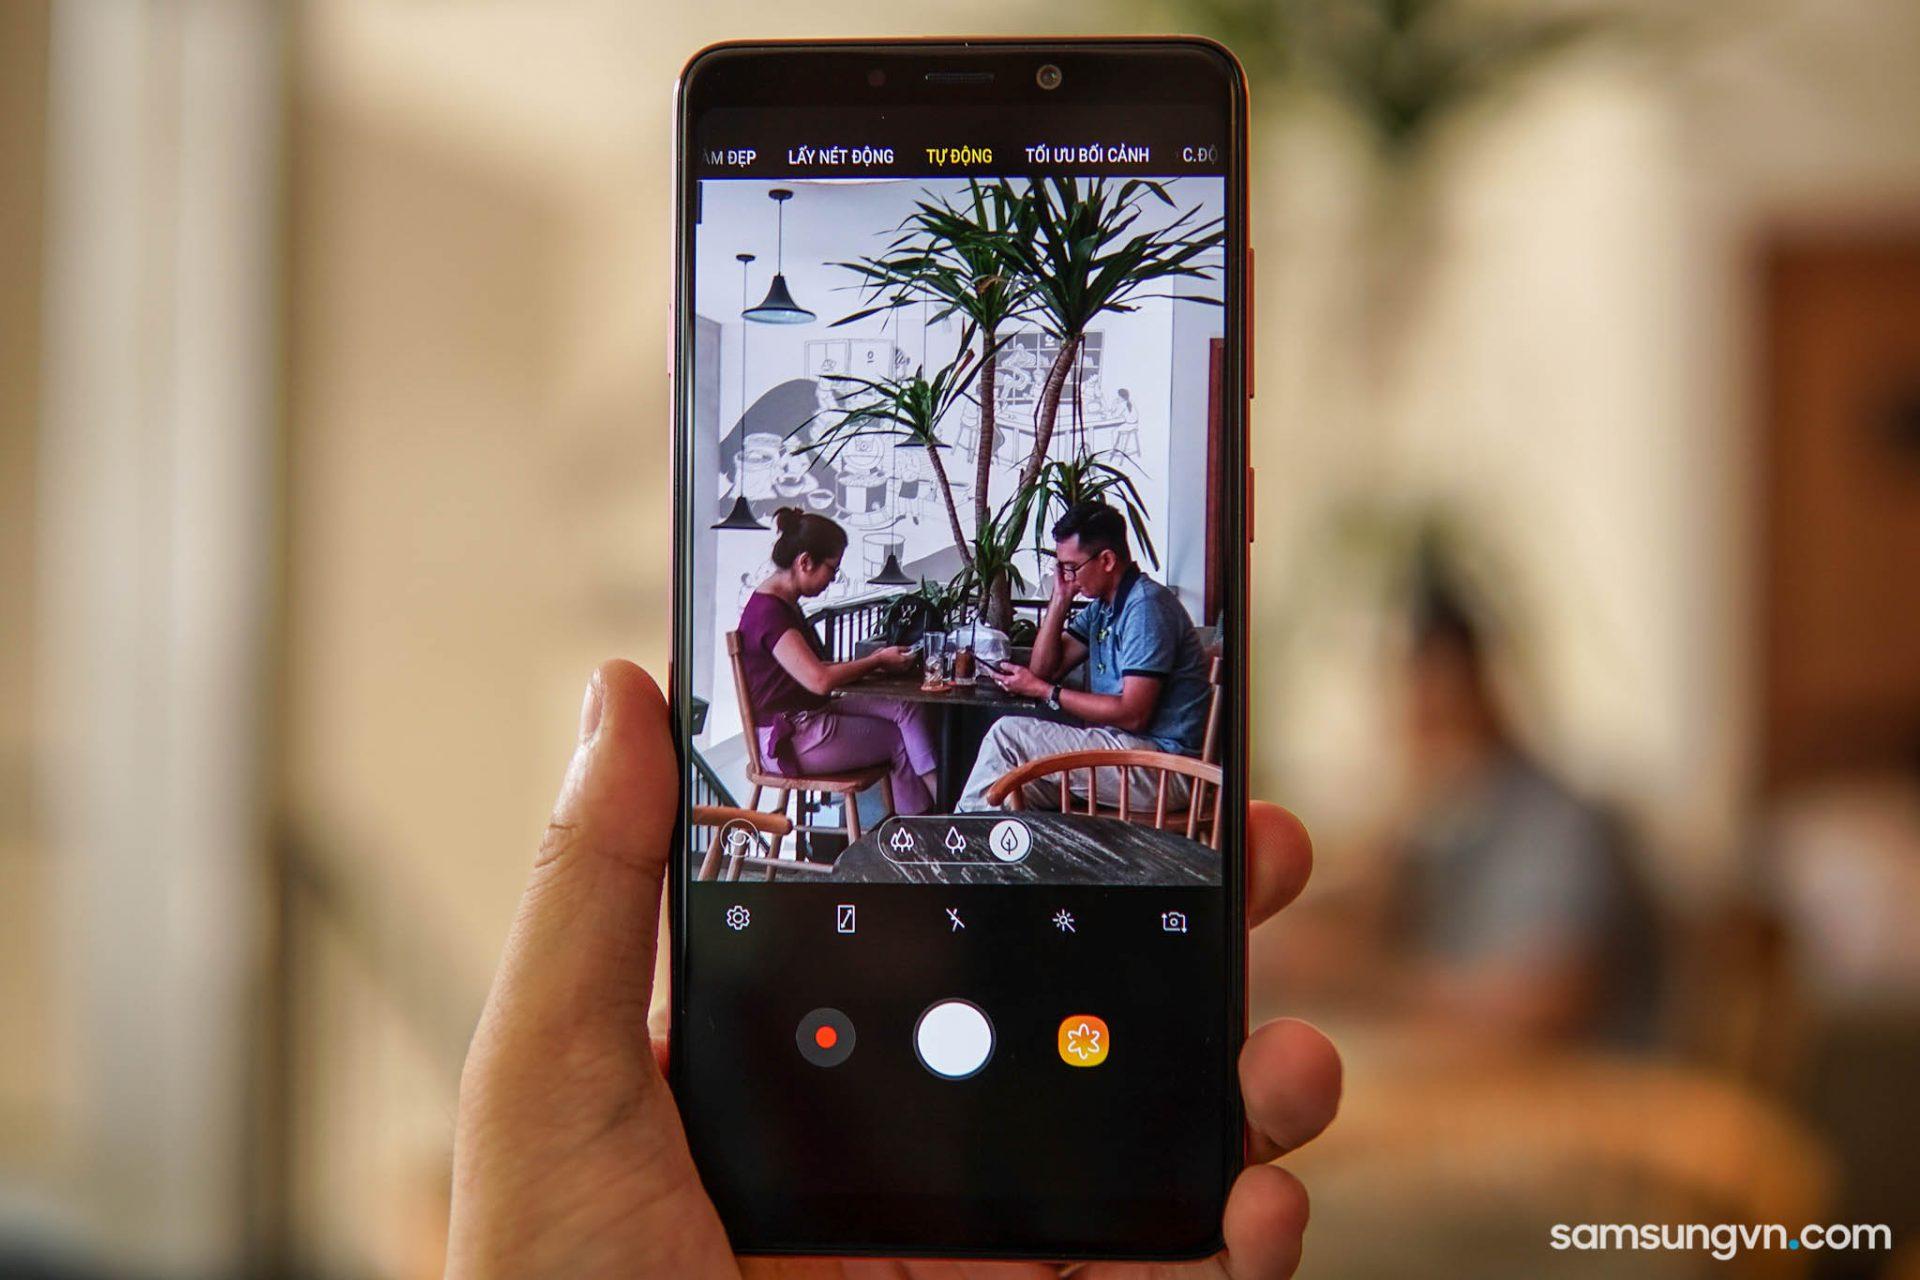 Giờ đã hiểu tại sao Galaxy A9 là chiếc smartphone độc đáo cho giới trẻ